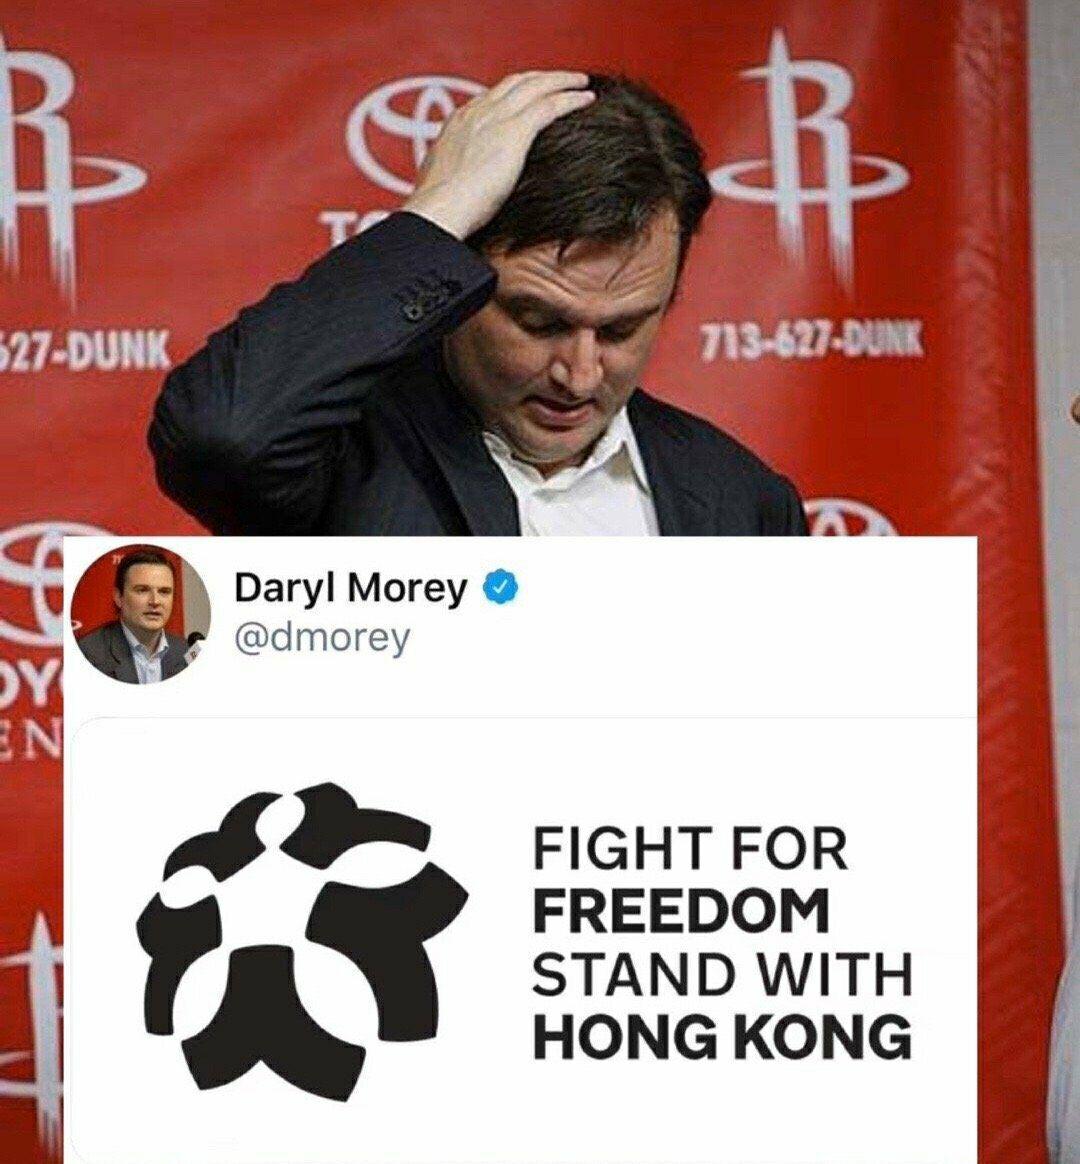 莫雷,拒不道歉:中国球迷误解我了,这是个人观点,与火箭无关